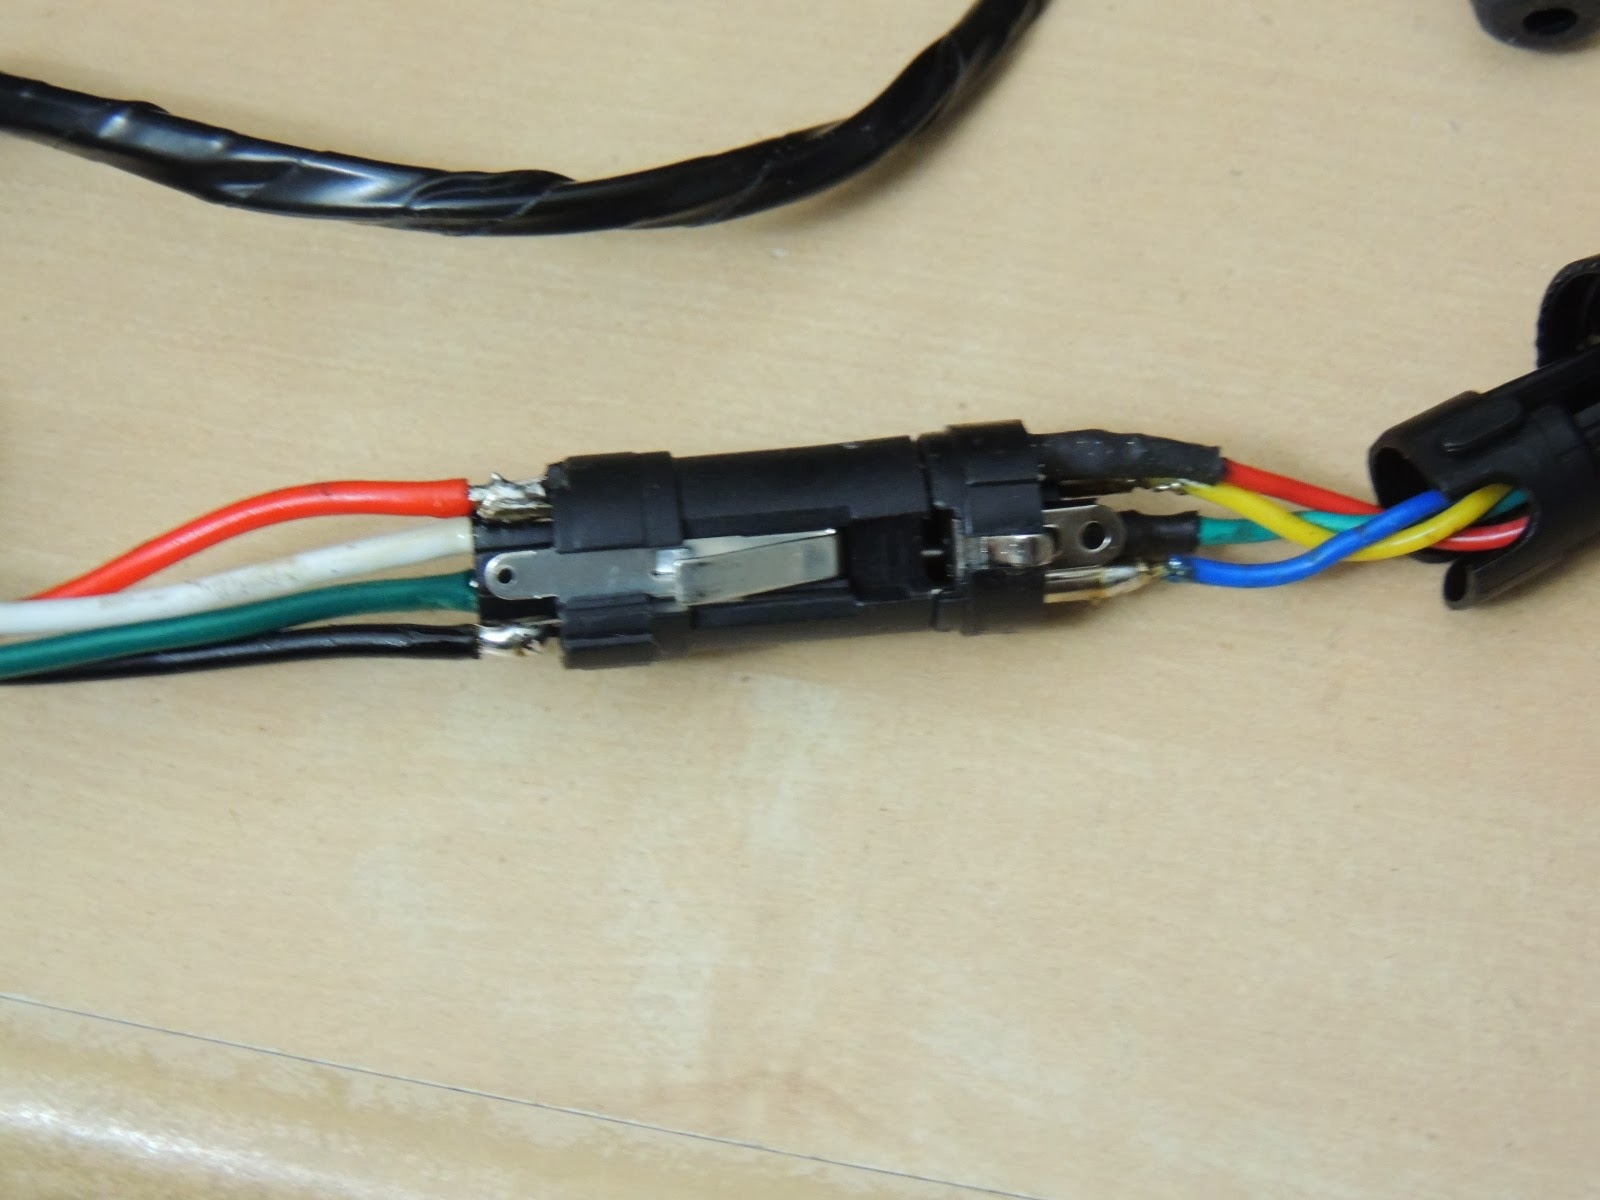 Tech Stuff: CNC 4 - Wiring